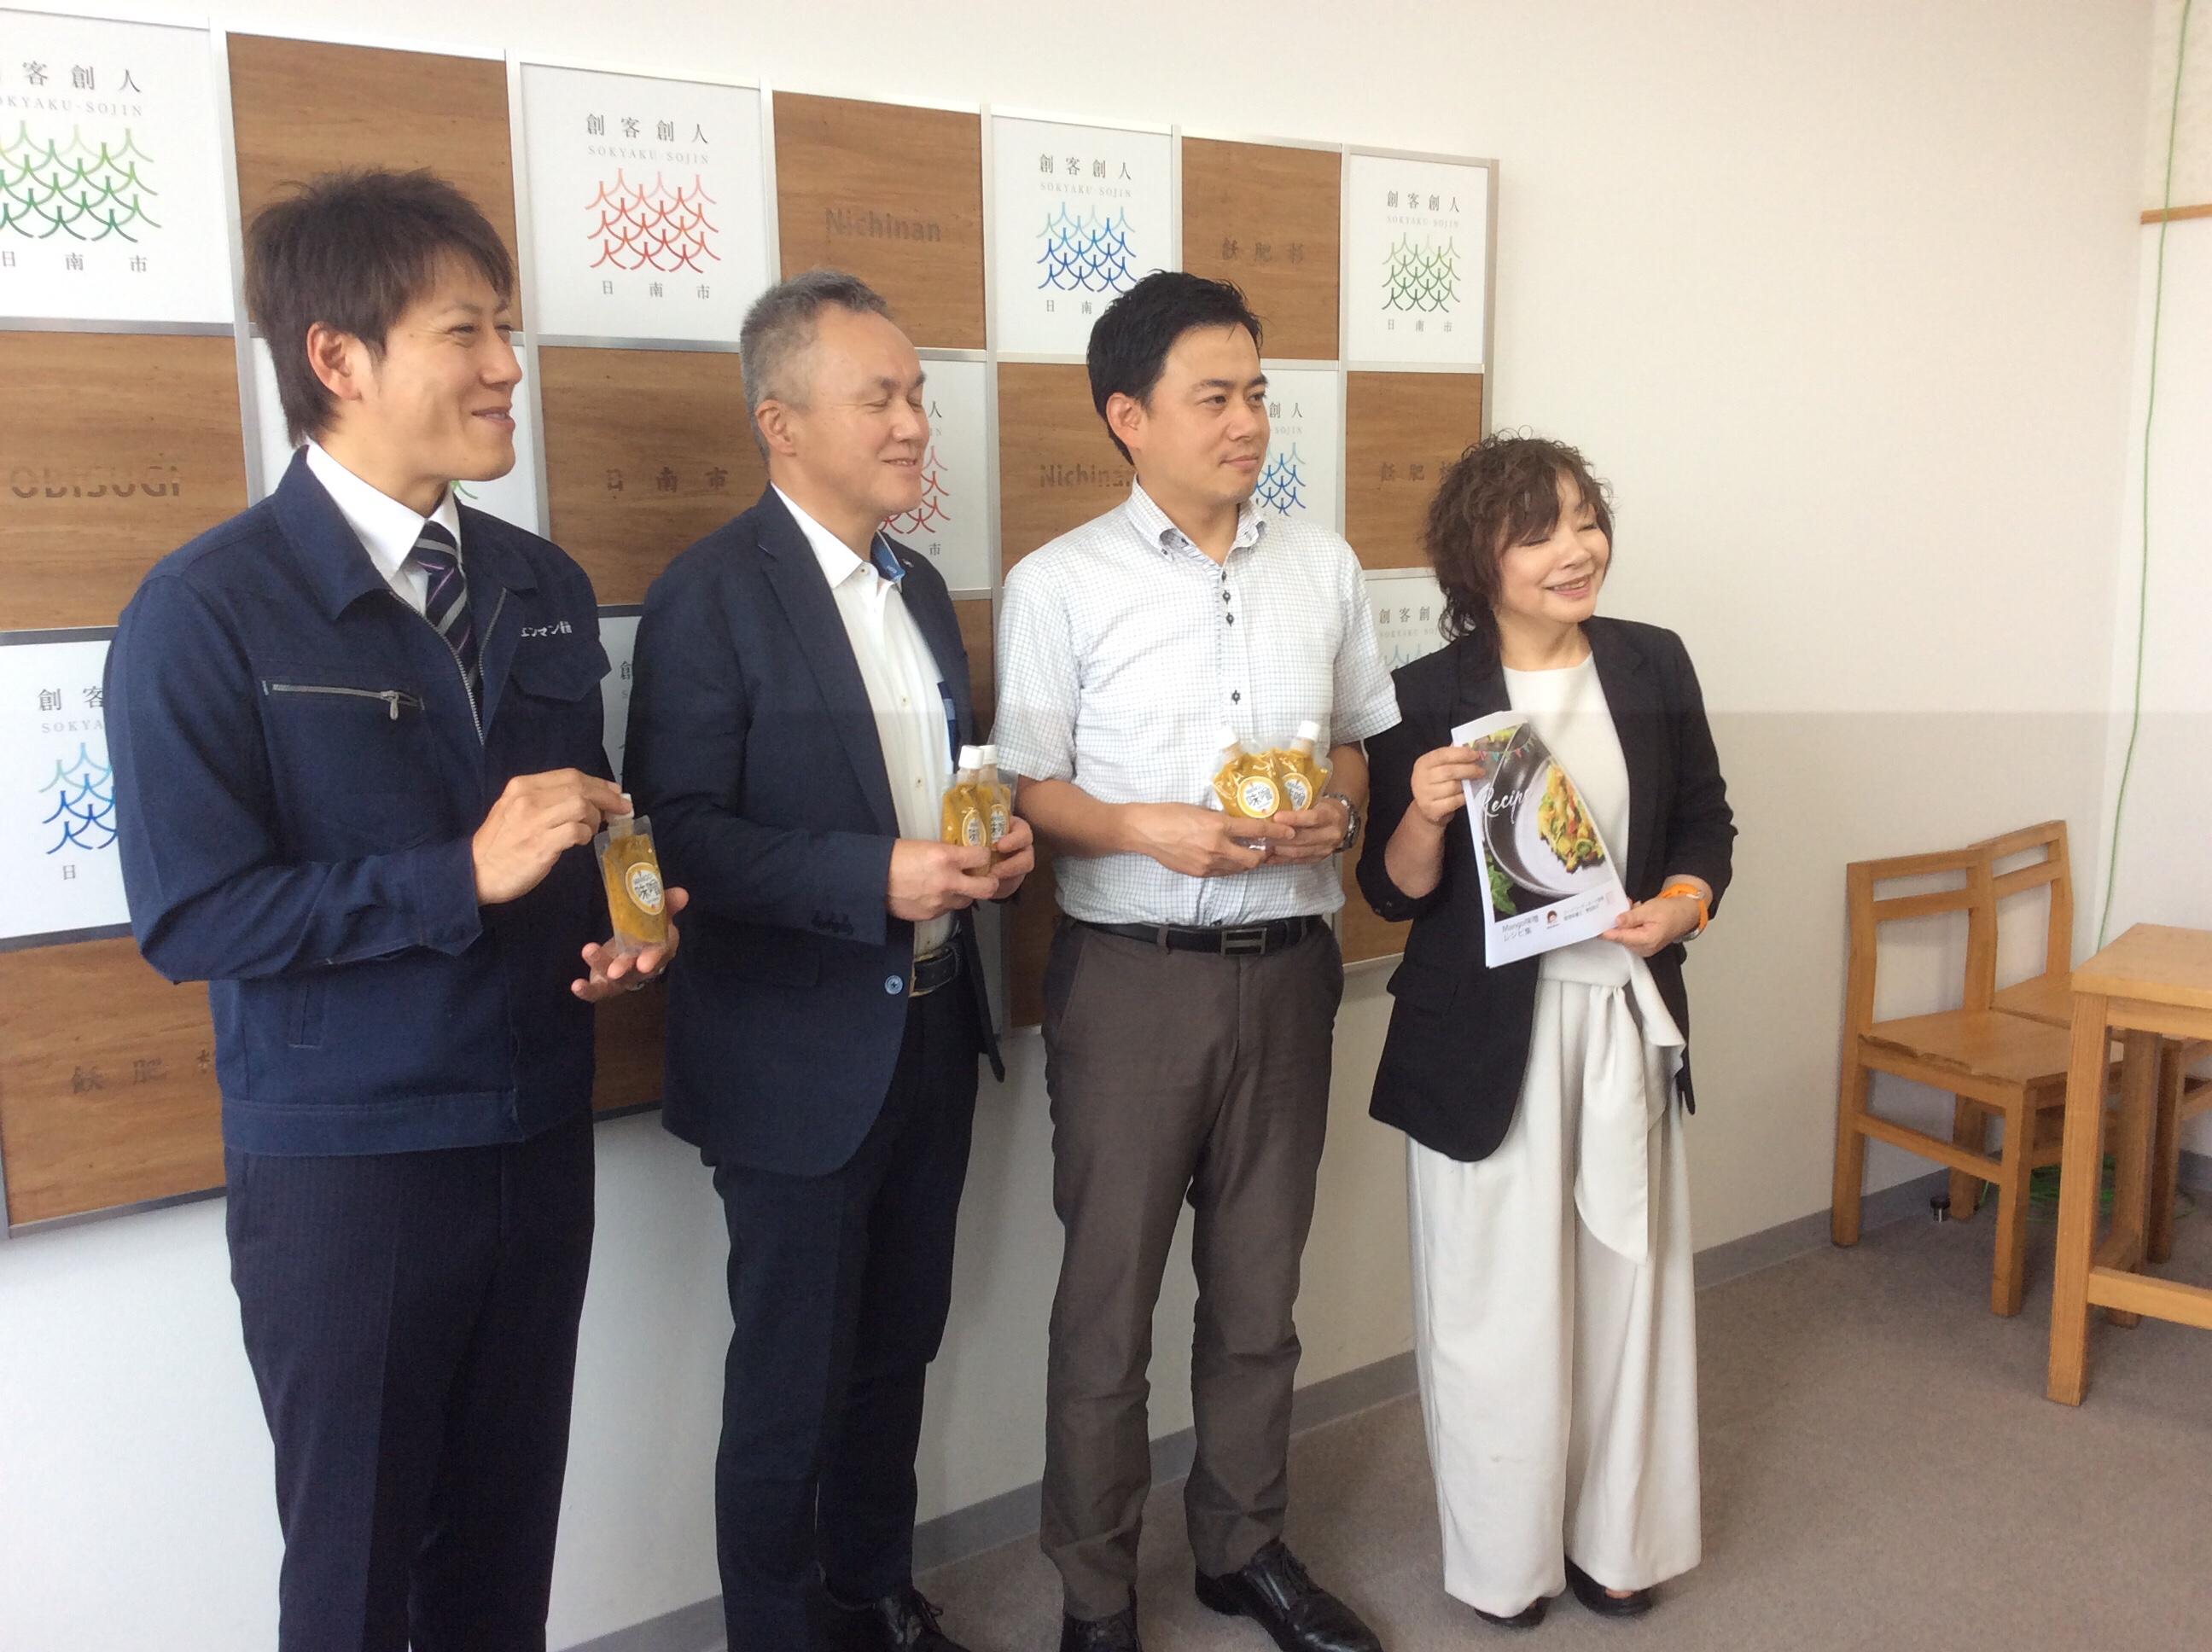 マンゴー味噌で市長表敬訪問